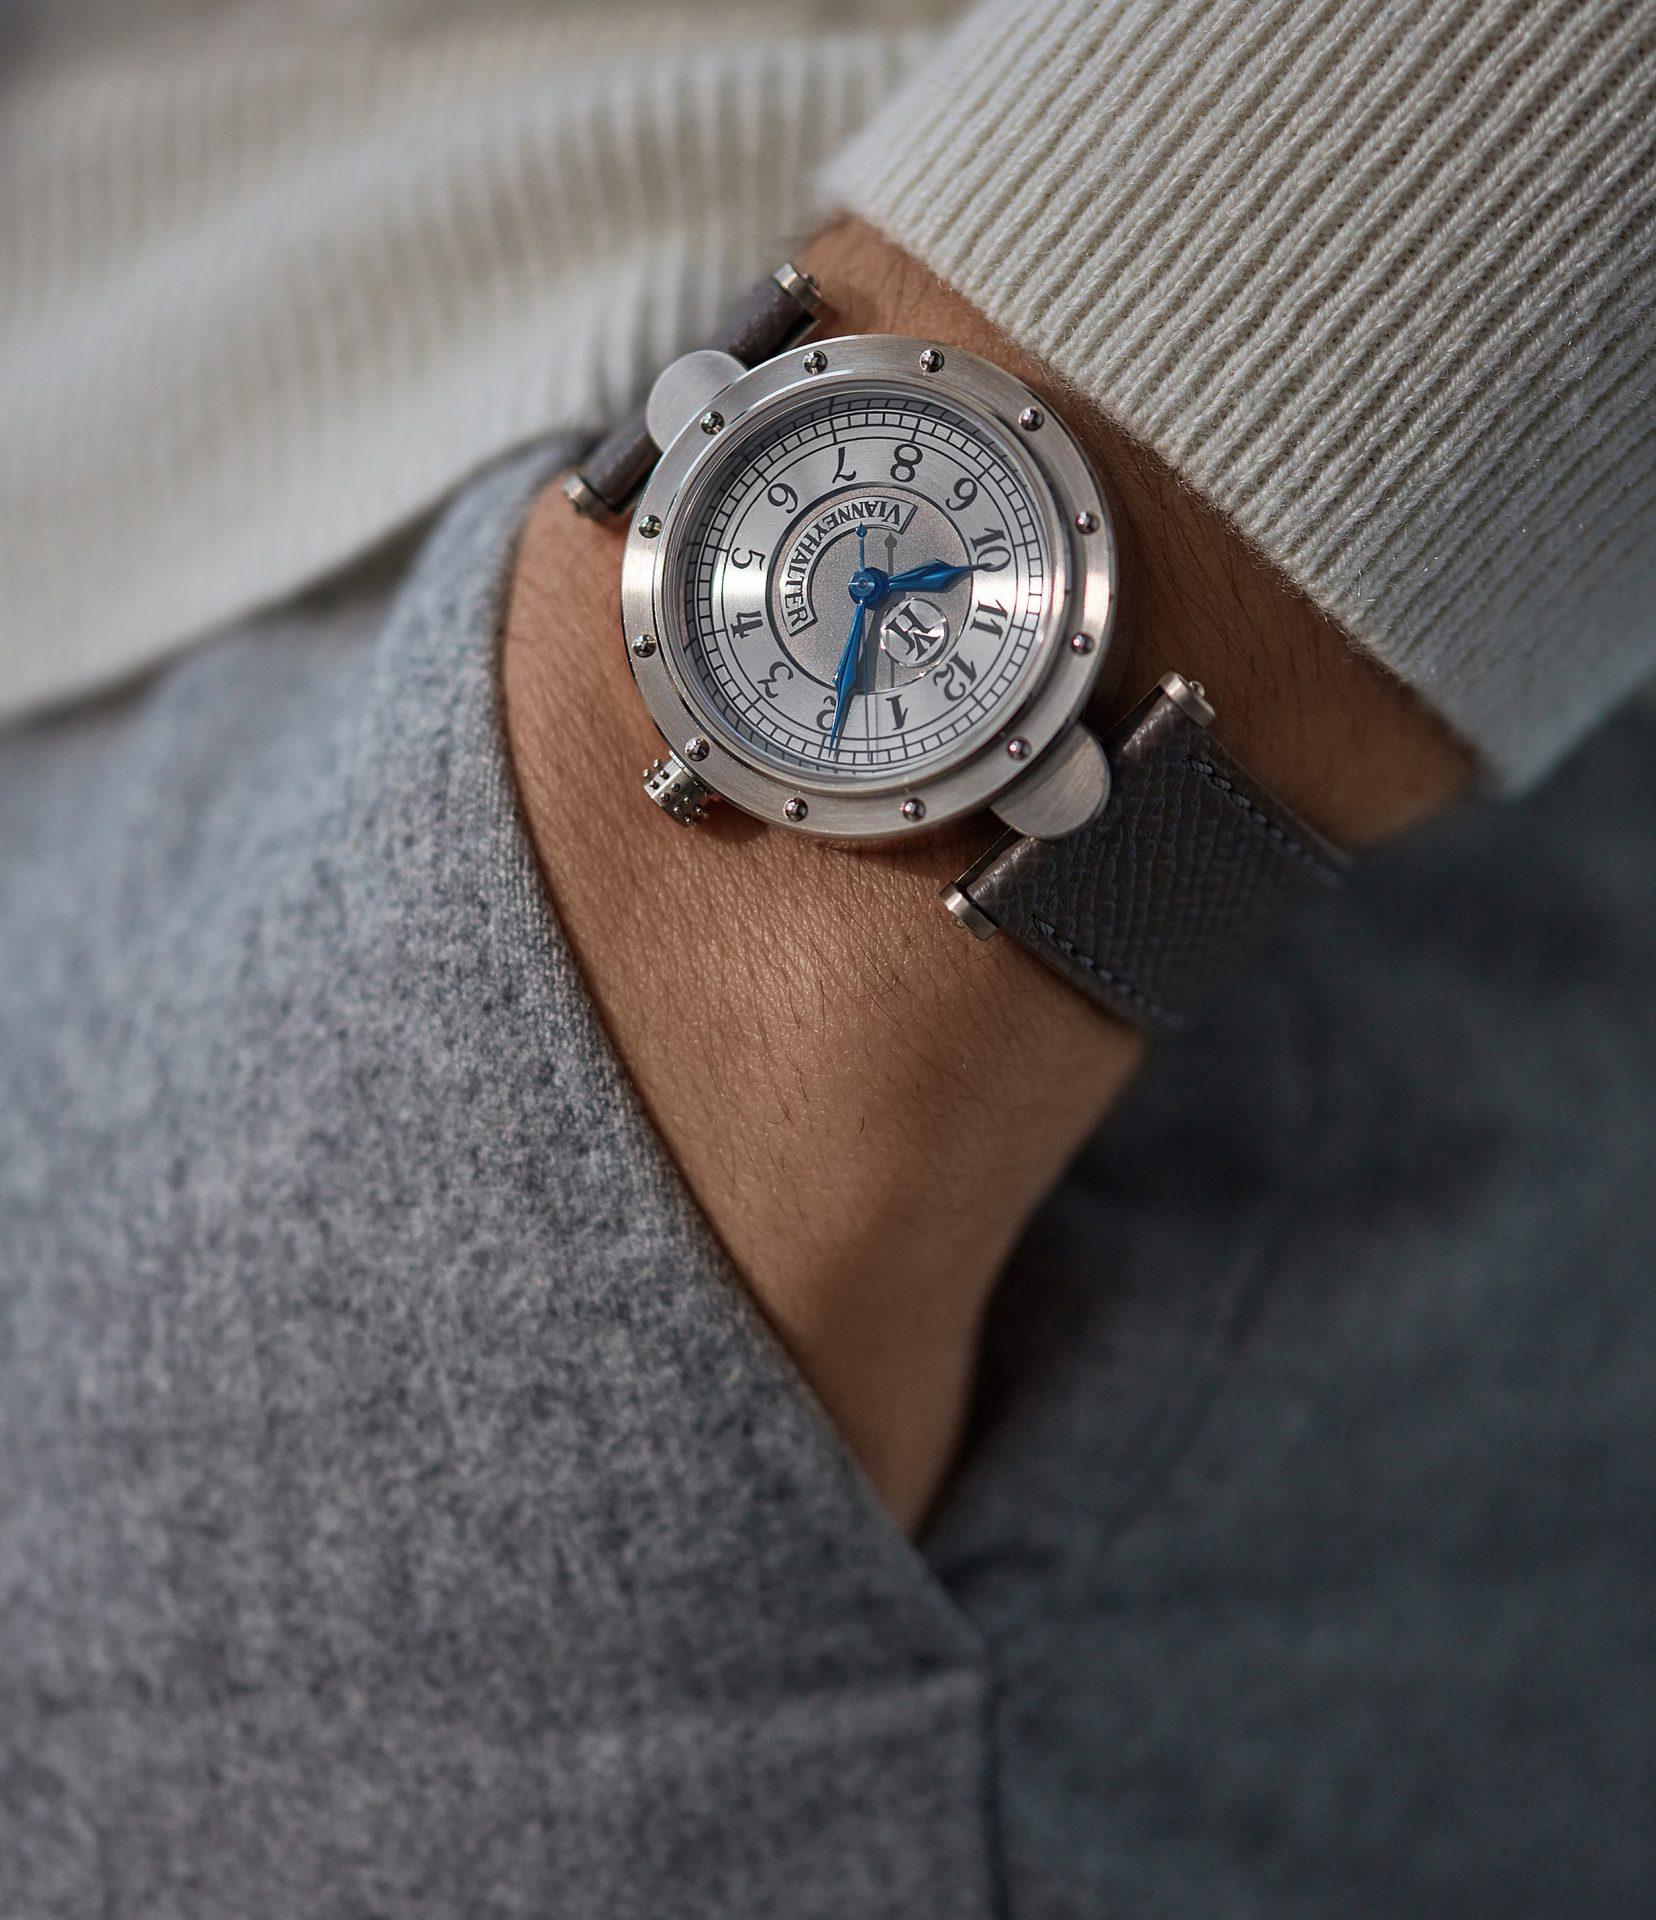 A Collected Man la casa de relojes usados independientes Vianney Halter